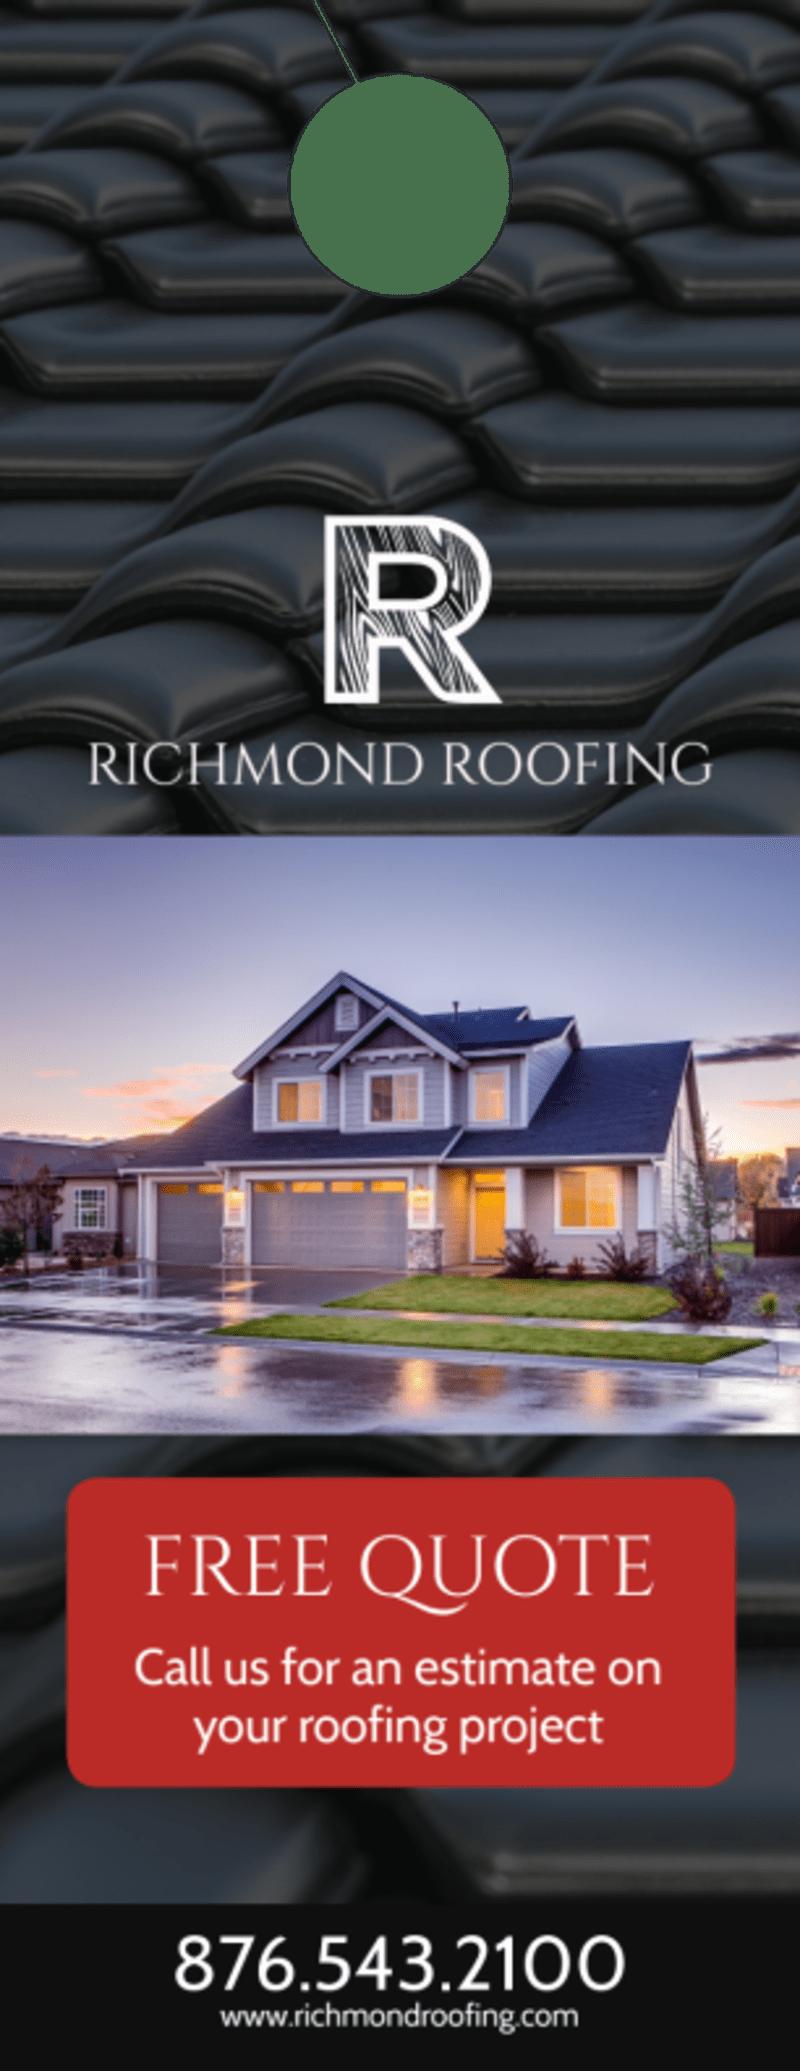 Roofing Quote Door Hanger Template Preview 2